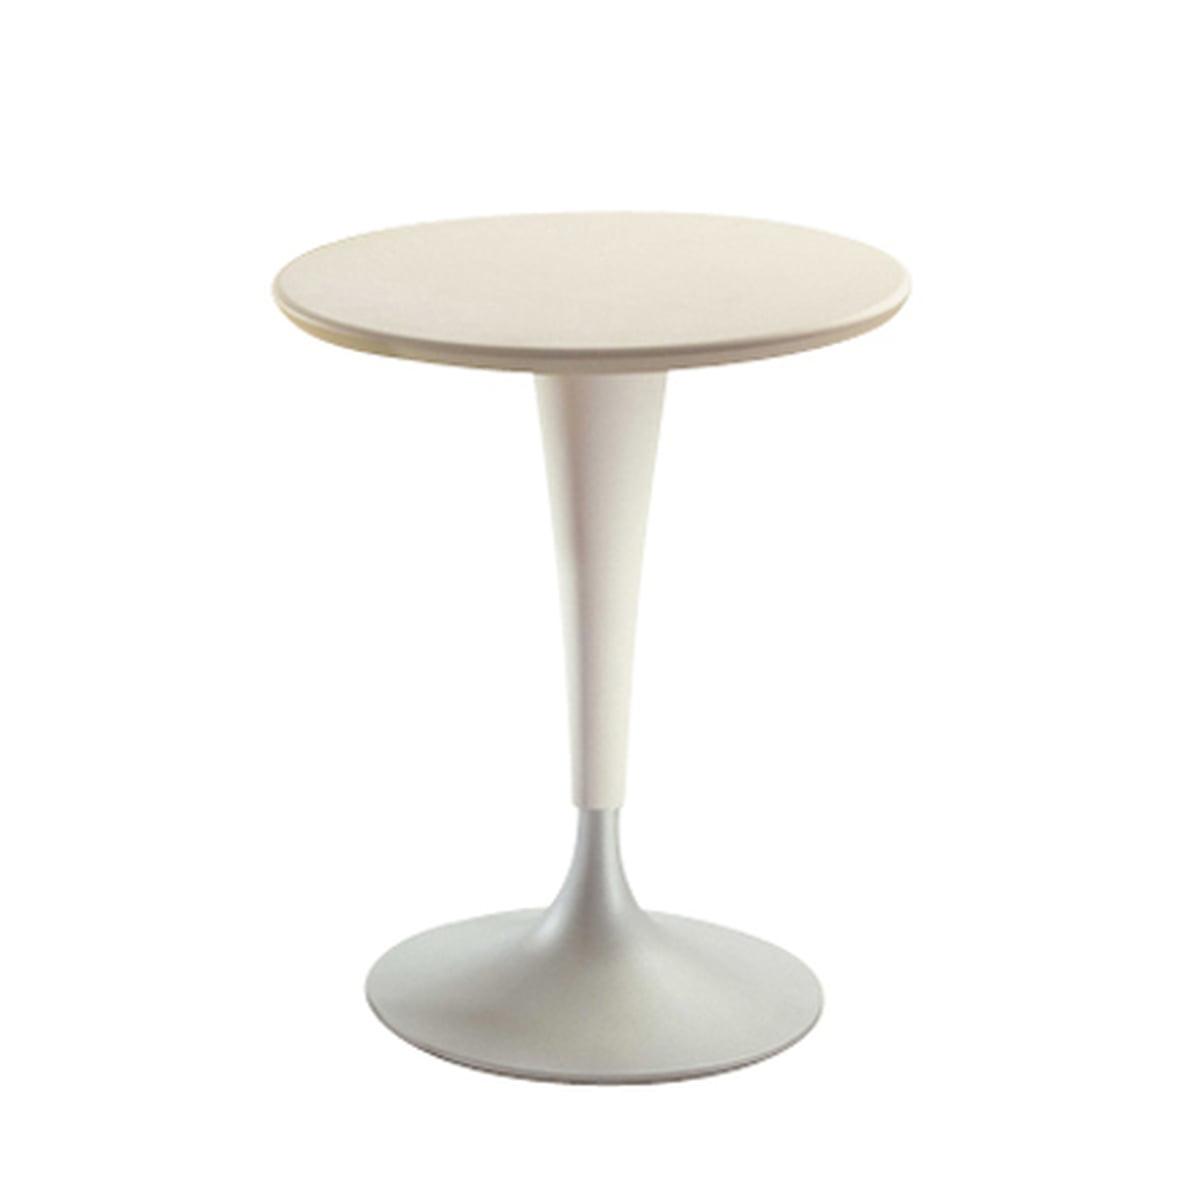 Kartell - Dr. Na Bistrotisch, wachsweiß | Küche und Esszimmer > Bar-Möbel > Bar-Stehtische | Kartell